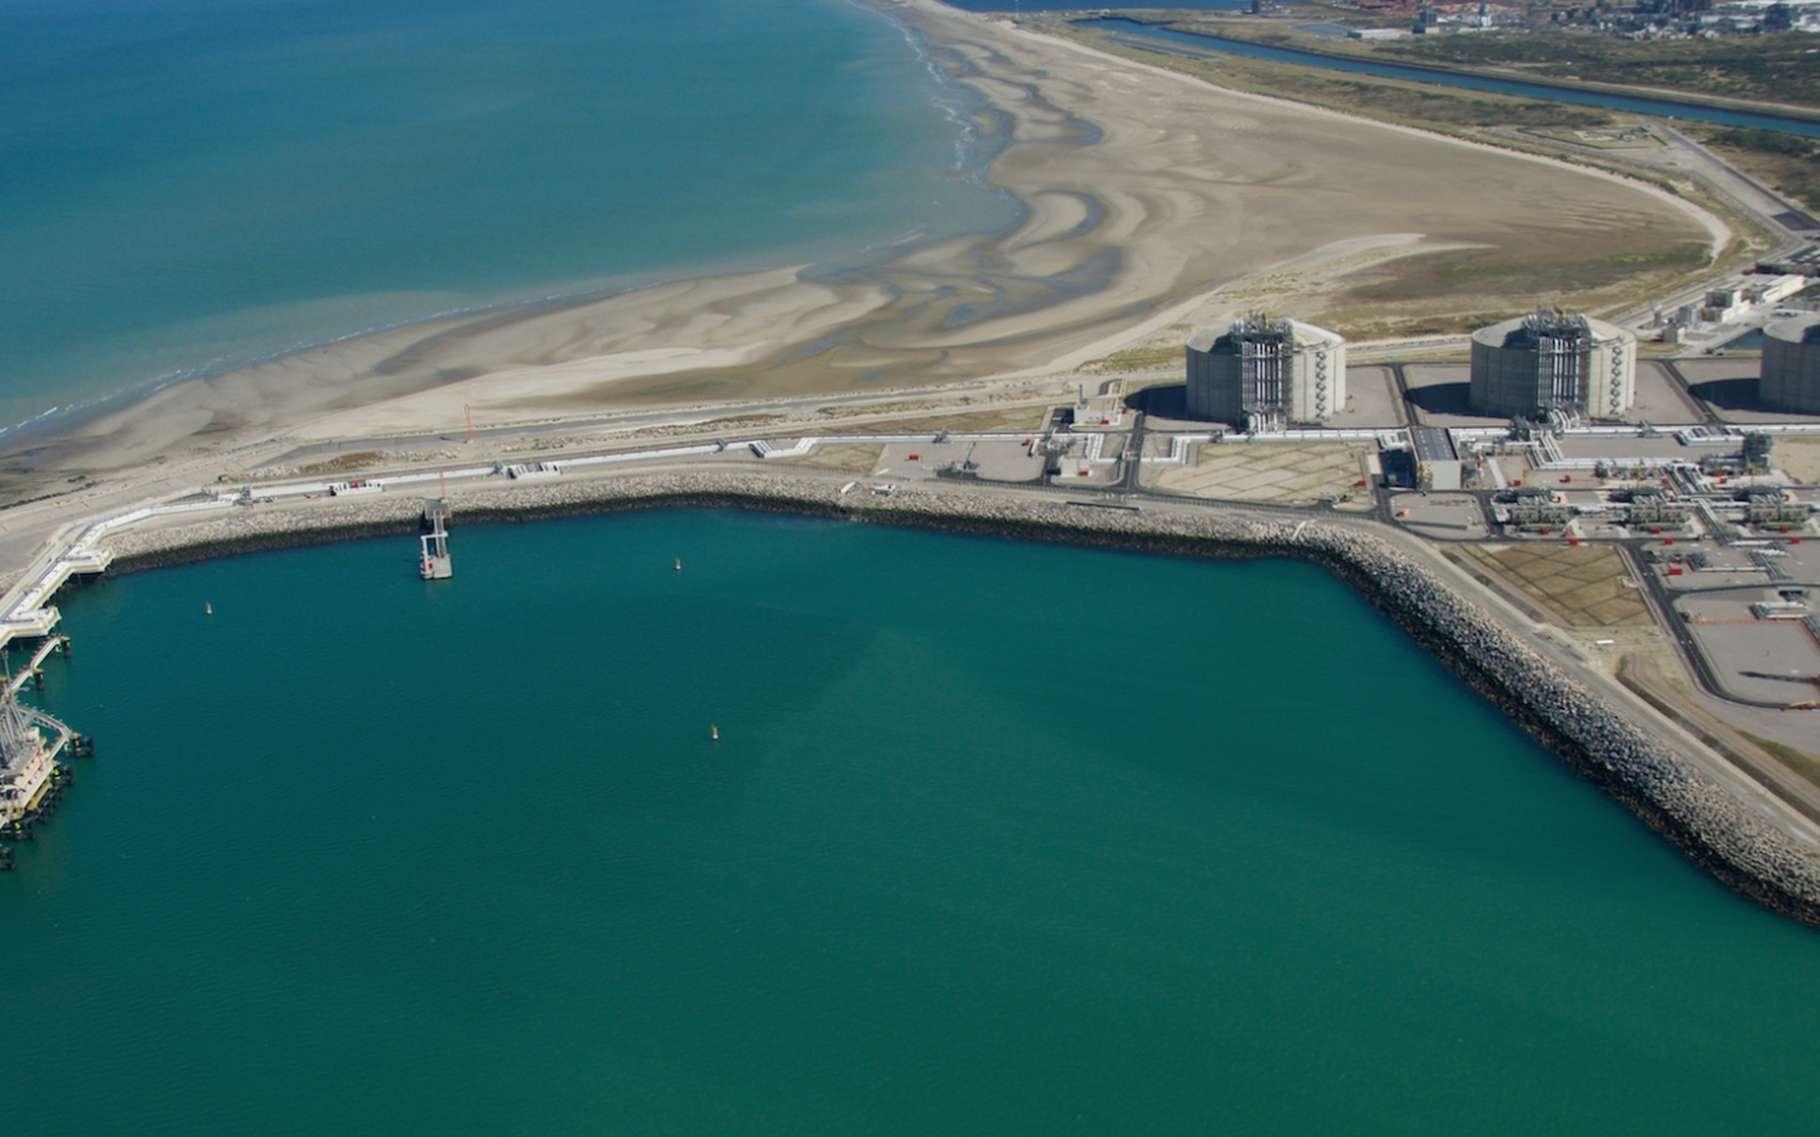 La ville de Dunkerque accueille un terminal méthanier. Le gaz liquide est reçu par bateau puis réchauffé grâce à un tunnel pour être ensuite distribué. © EDF